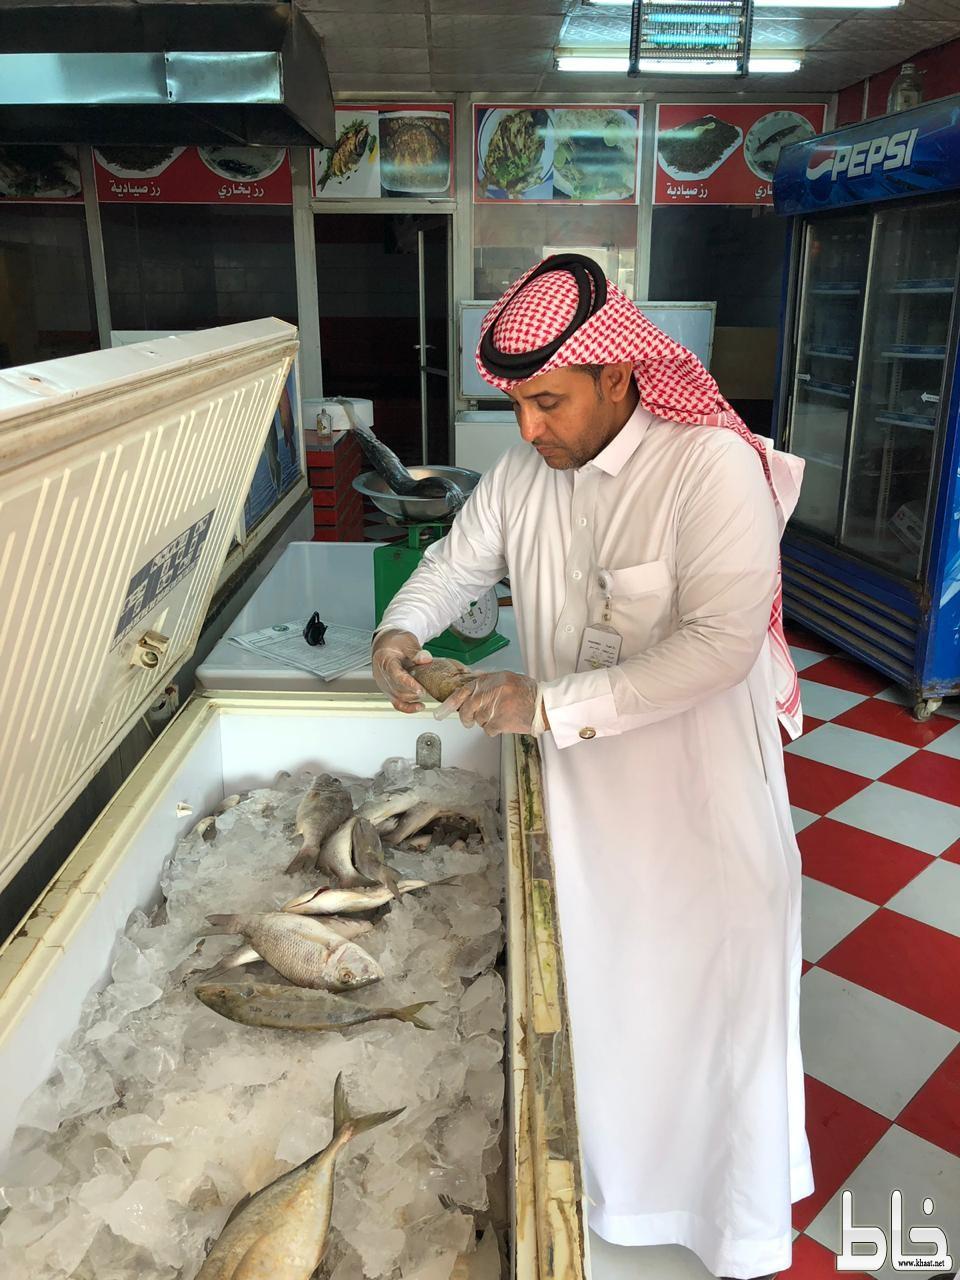 بلدية بارق تغلق مطعمين ضمن حملة غذاؤكم أمانة